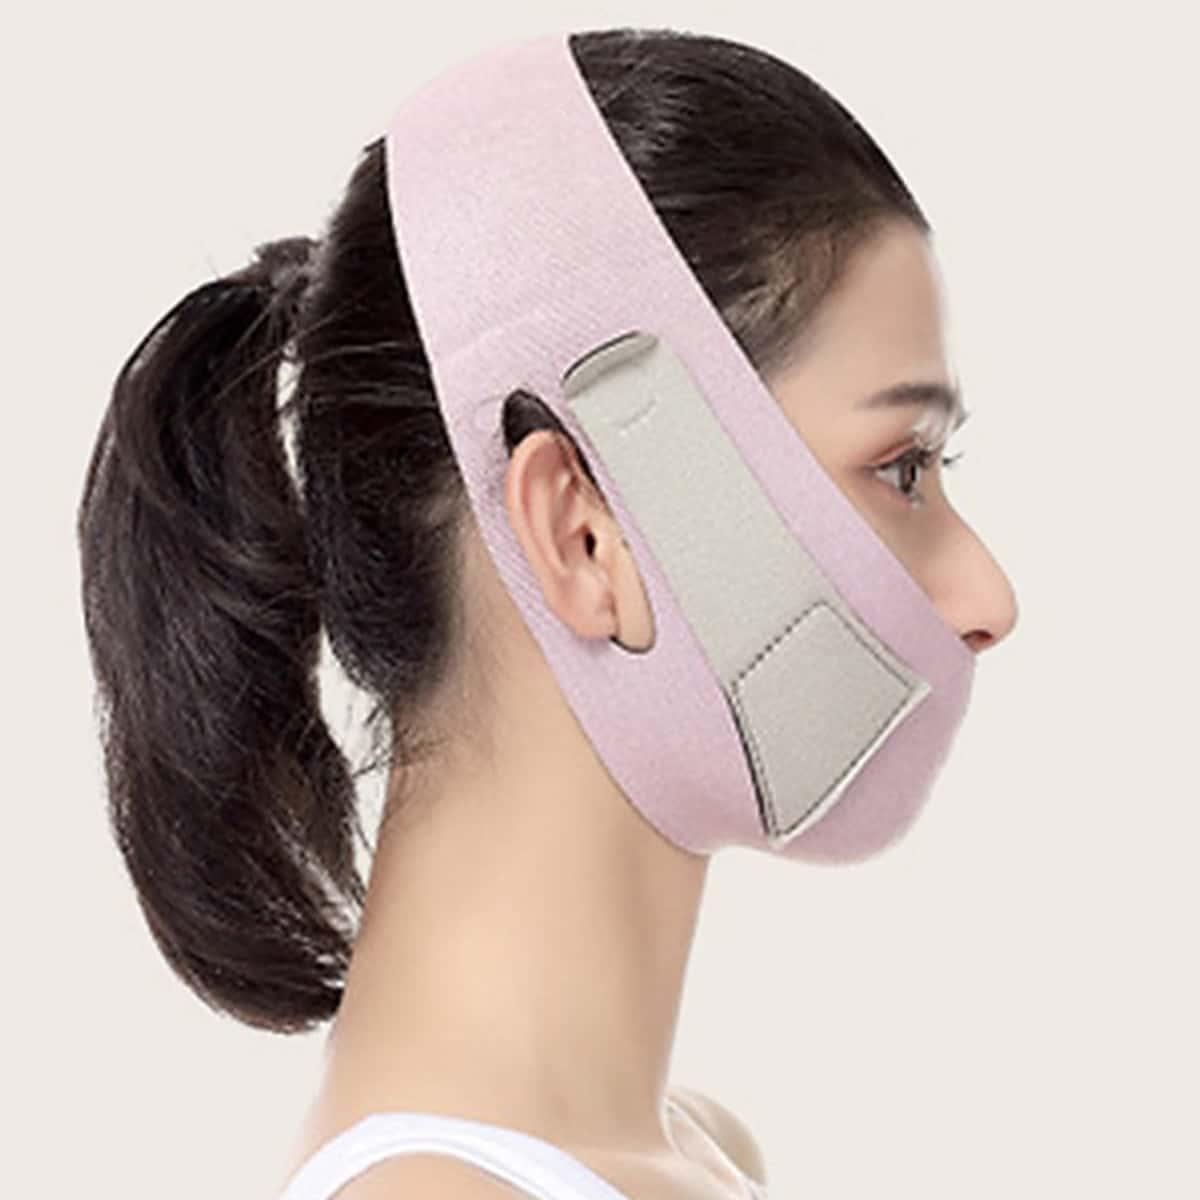 Dunne gezichtsmasker afslankend verband